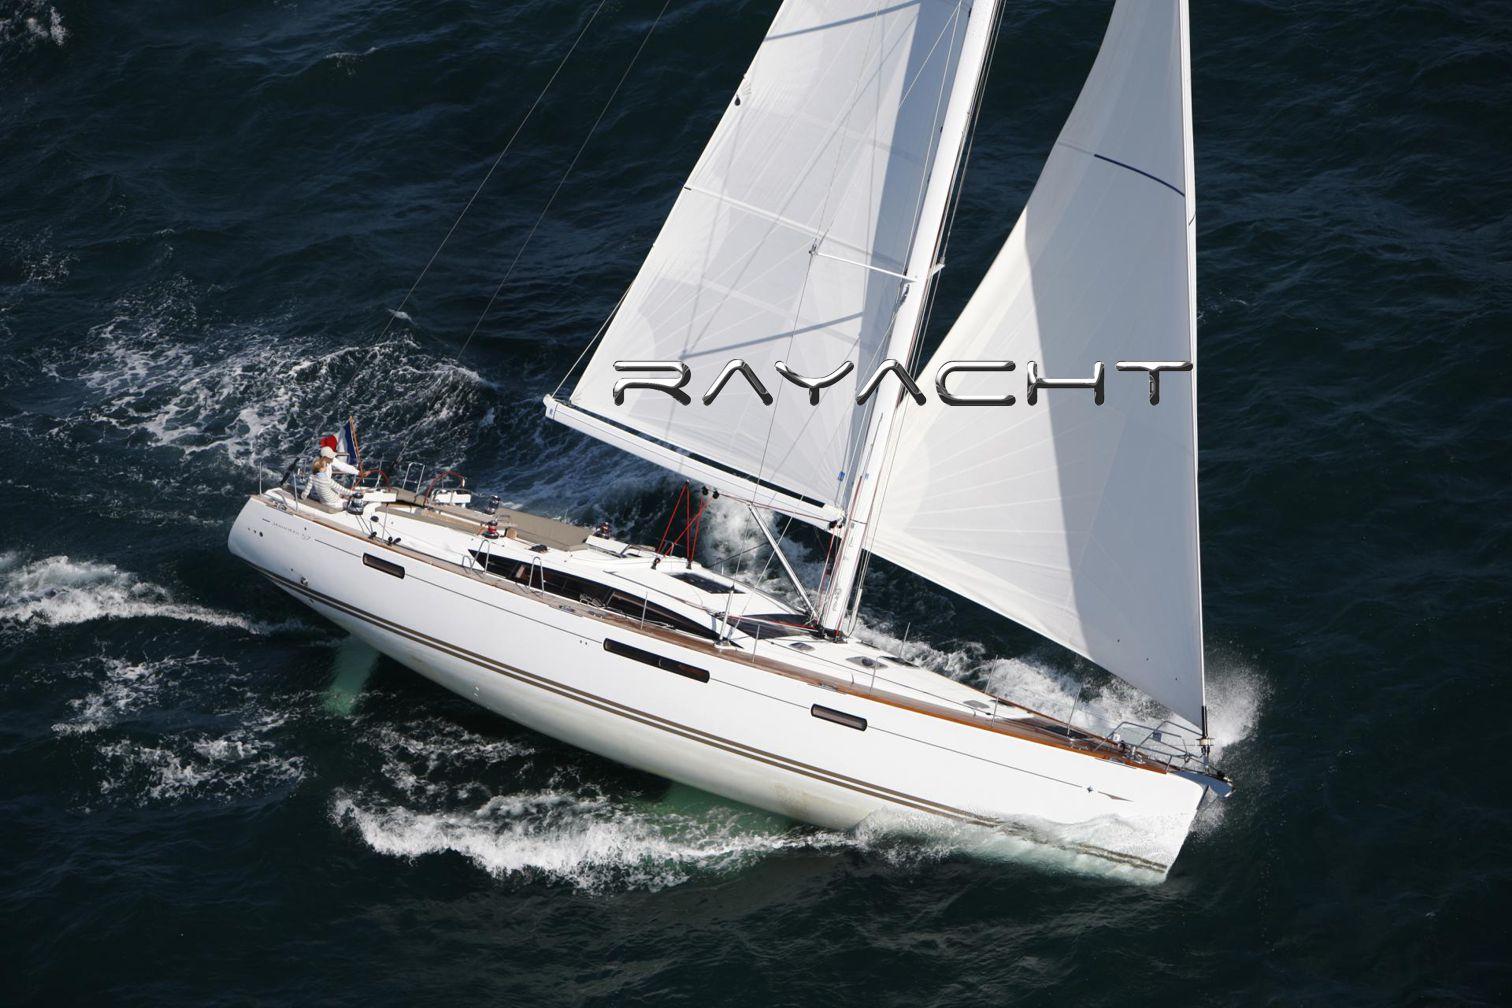 Jeanneau 57 Rayacht 2010